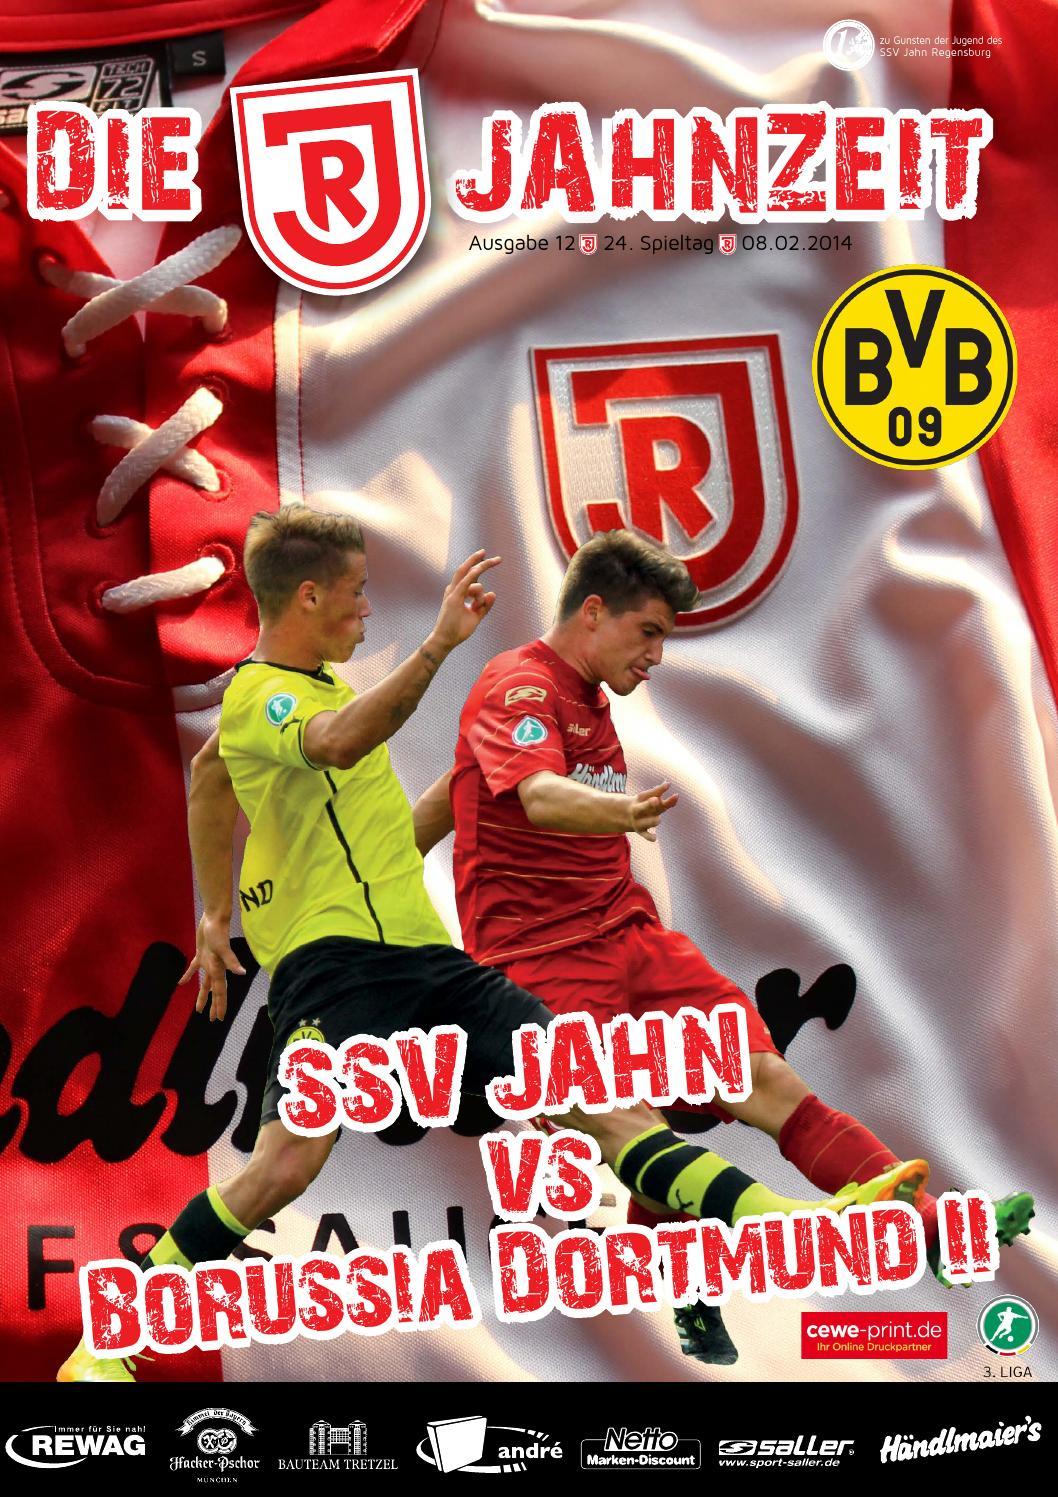 Jahn magazin 2013 ausgabe 12 innenteil by SSV Jahn issuu